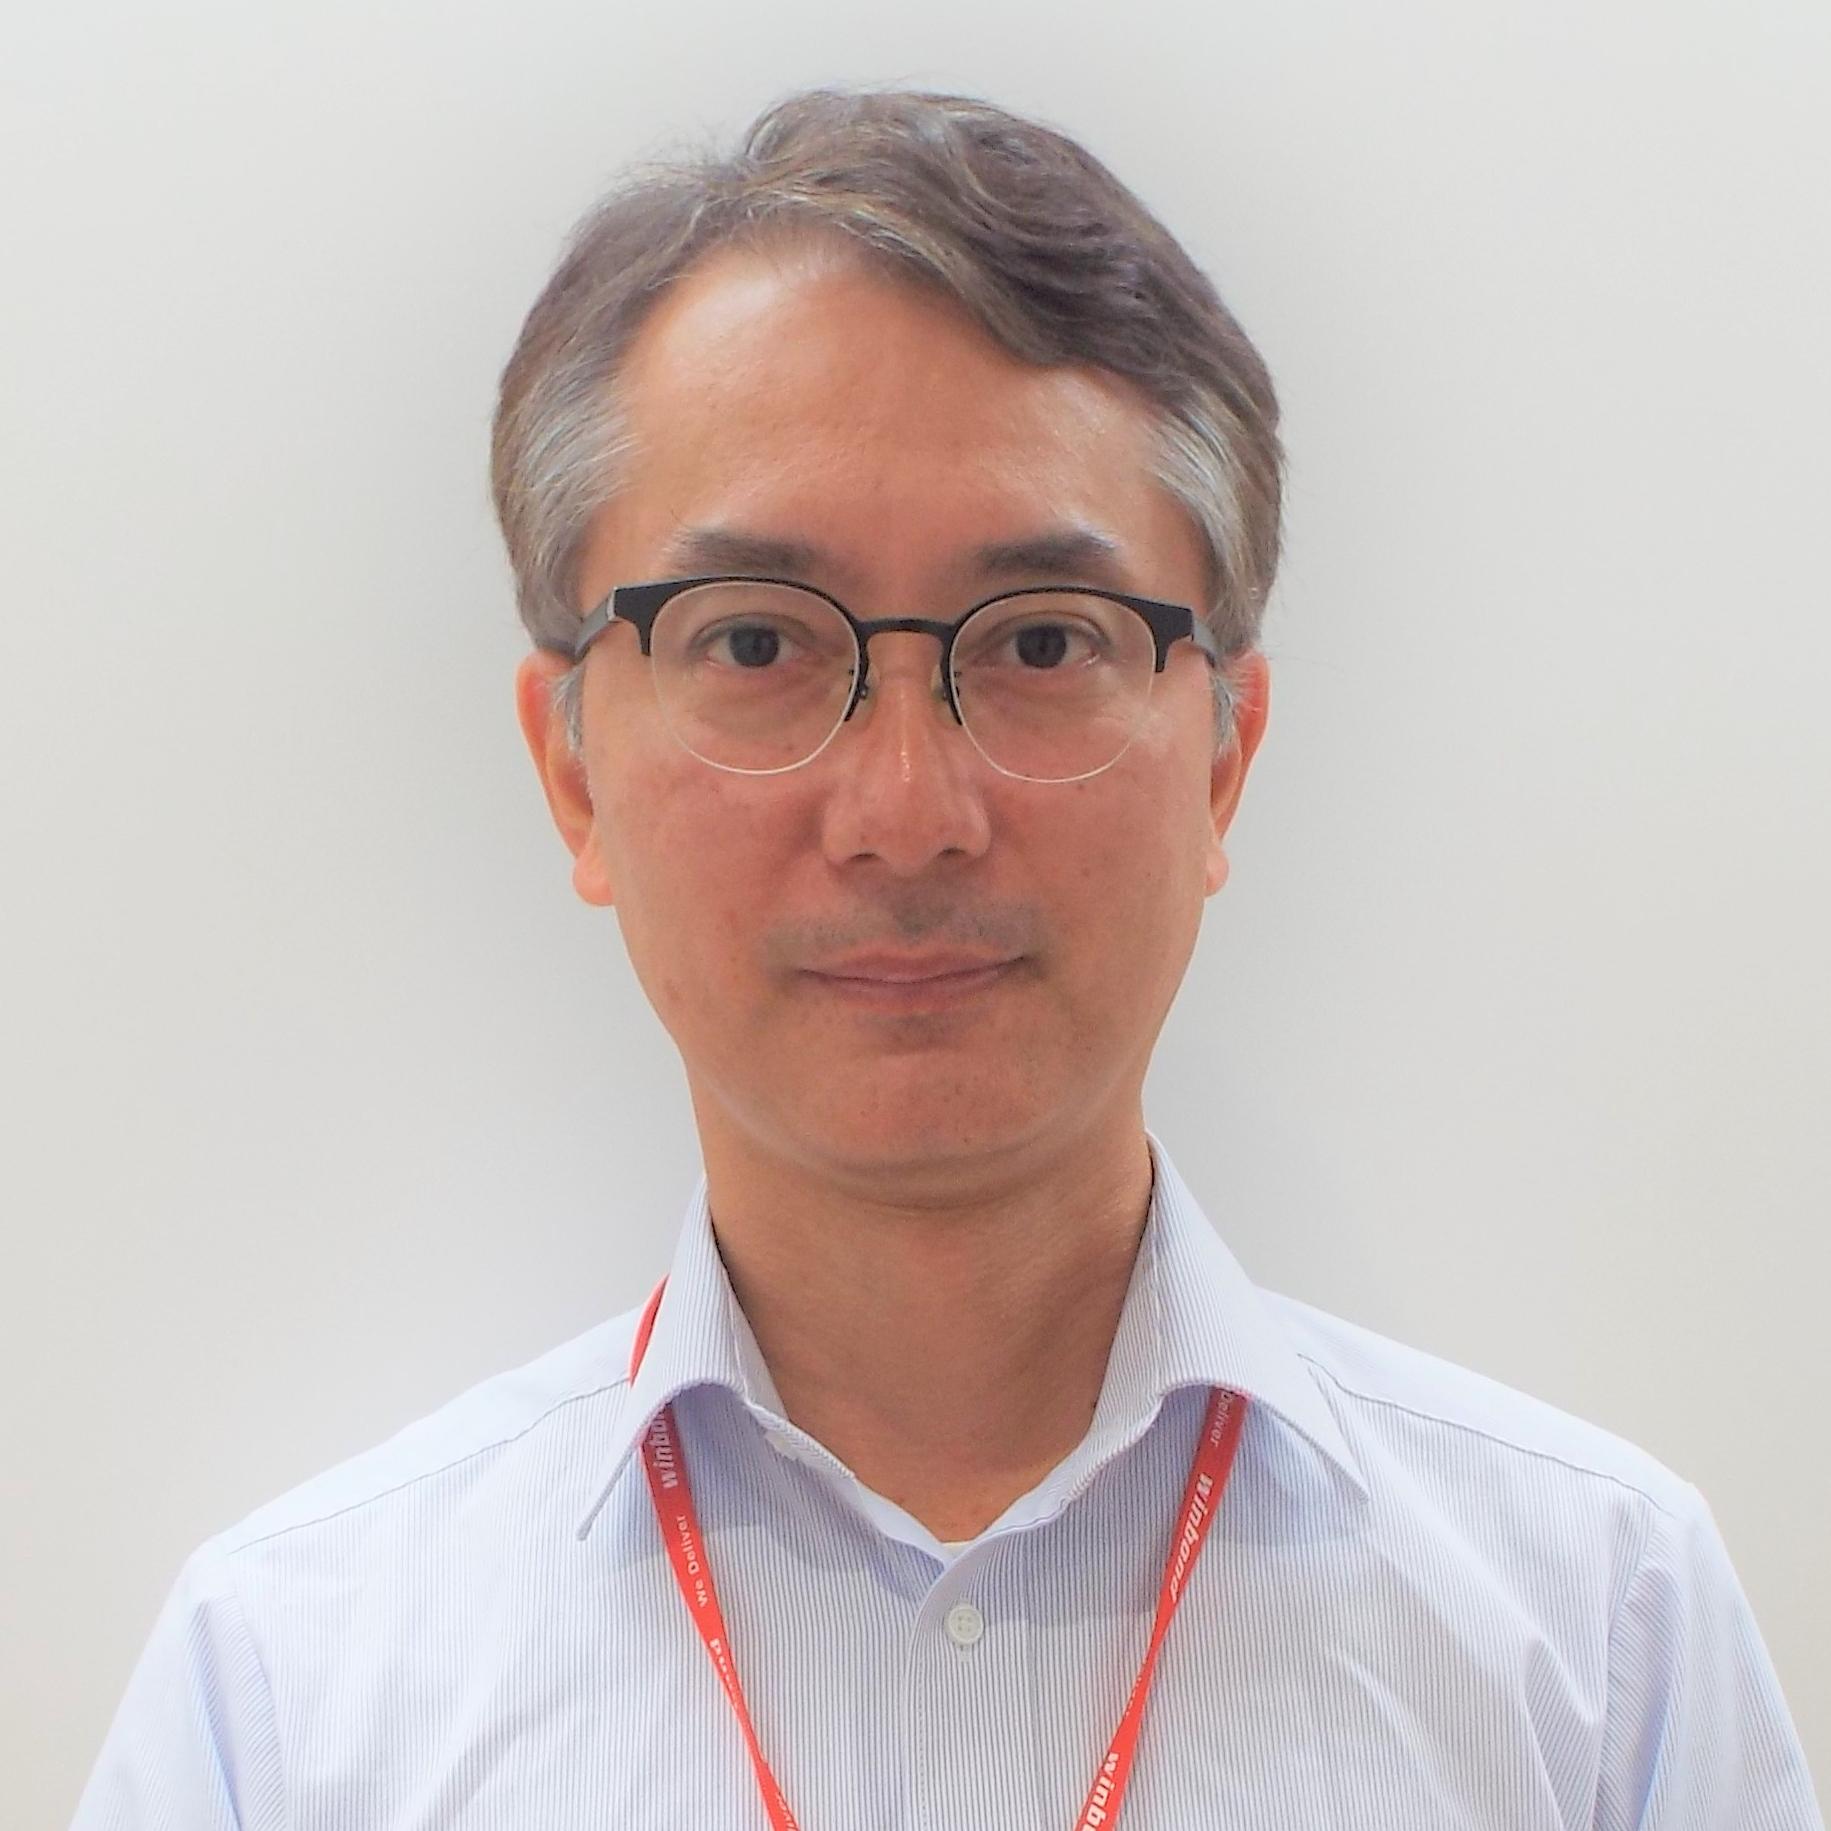 ウィンボンド・エレクトロニクス株式会社 小野 真人氏